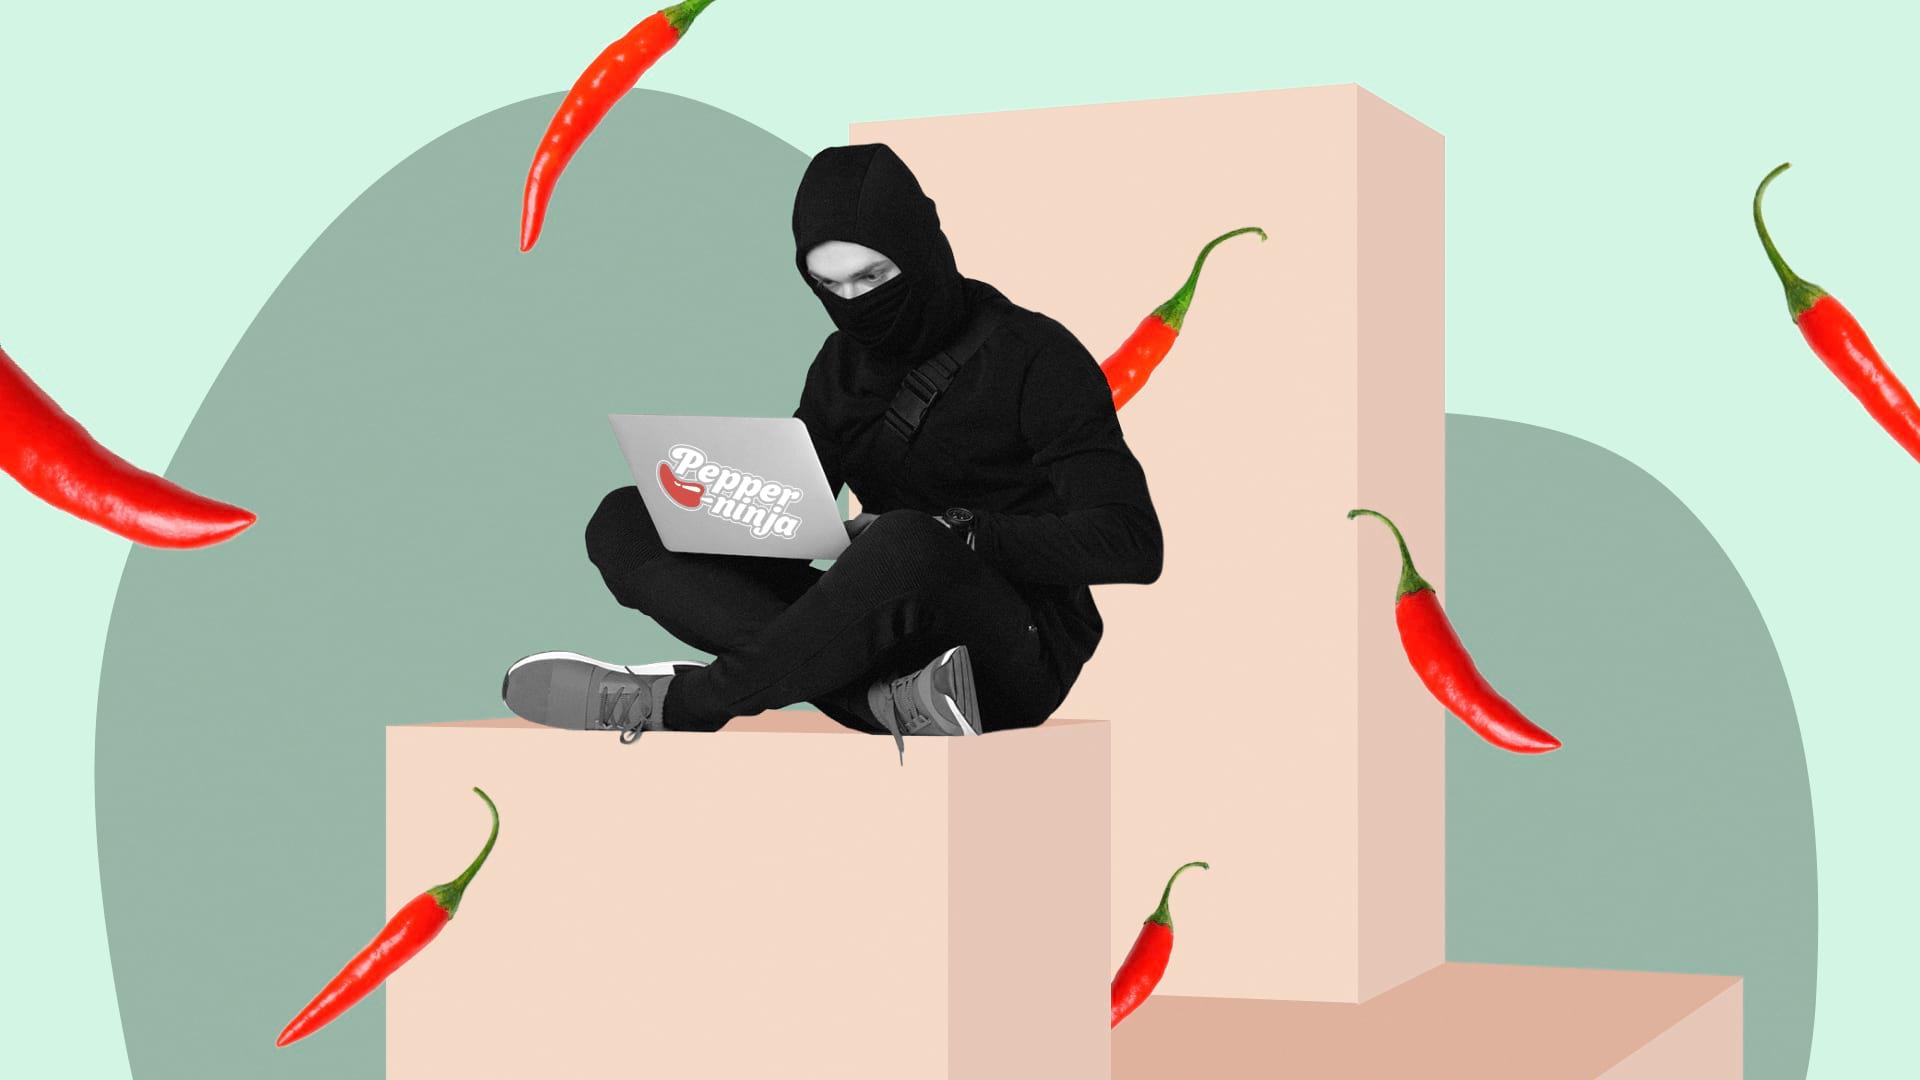 Тонкости поиска и сегментации аудитории в соцсетях в 2021 – интервью с экспертом Pepper.Ninja Александром Холодовым